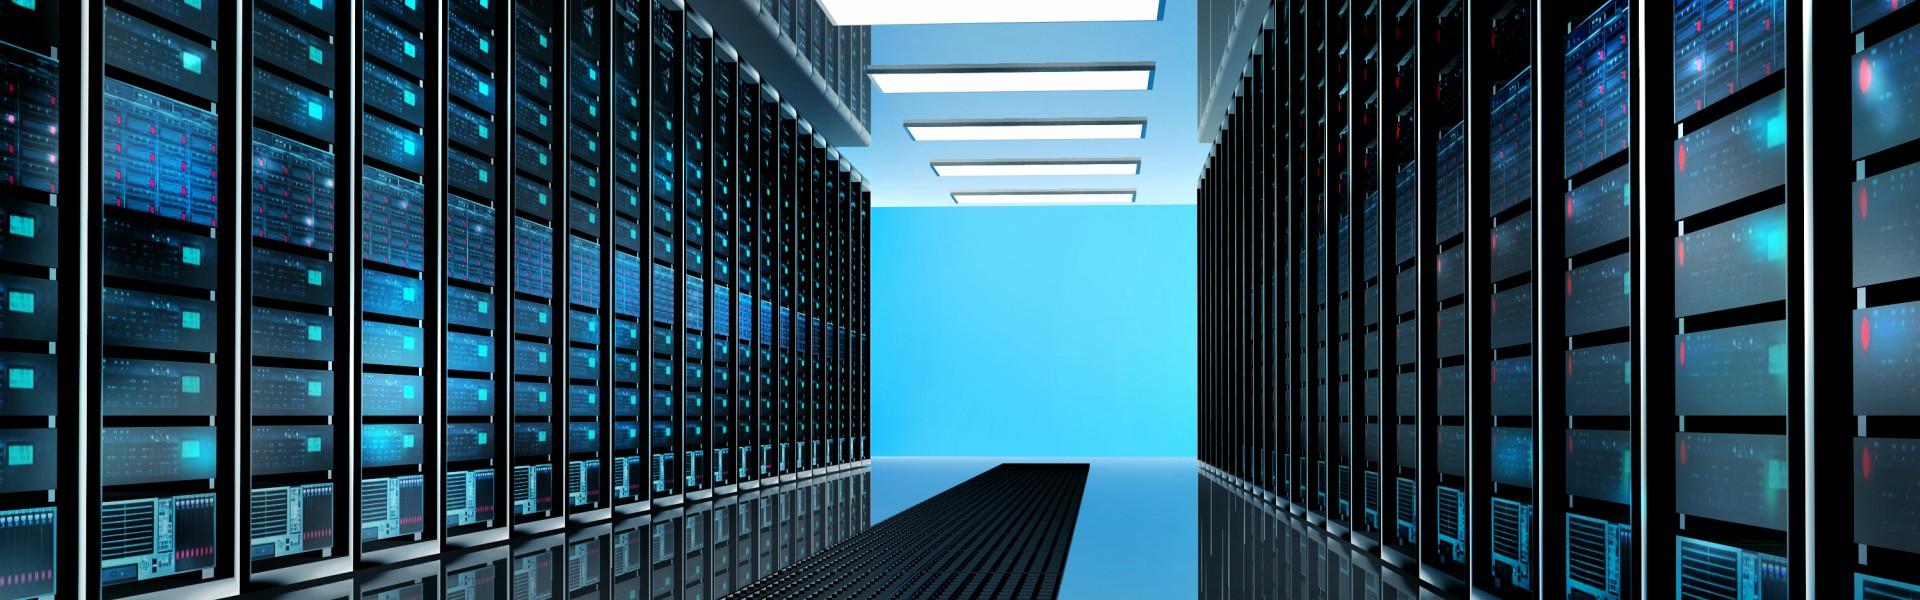 IoT-Data-Center